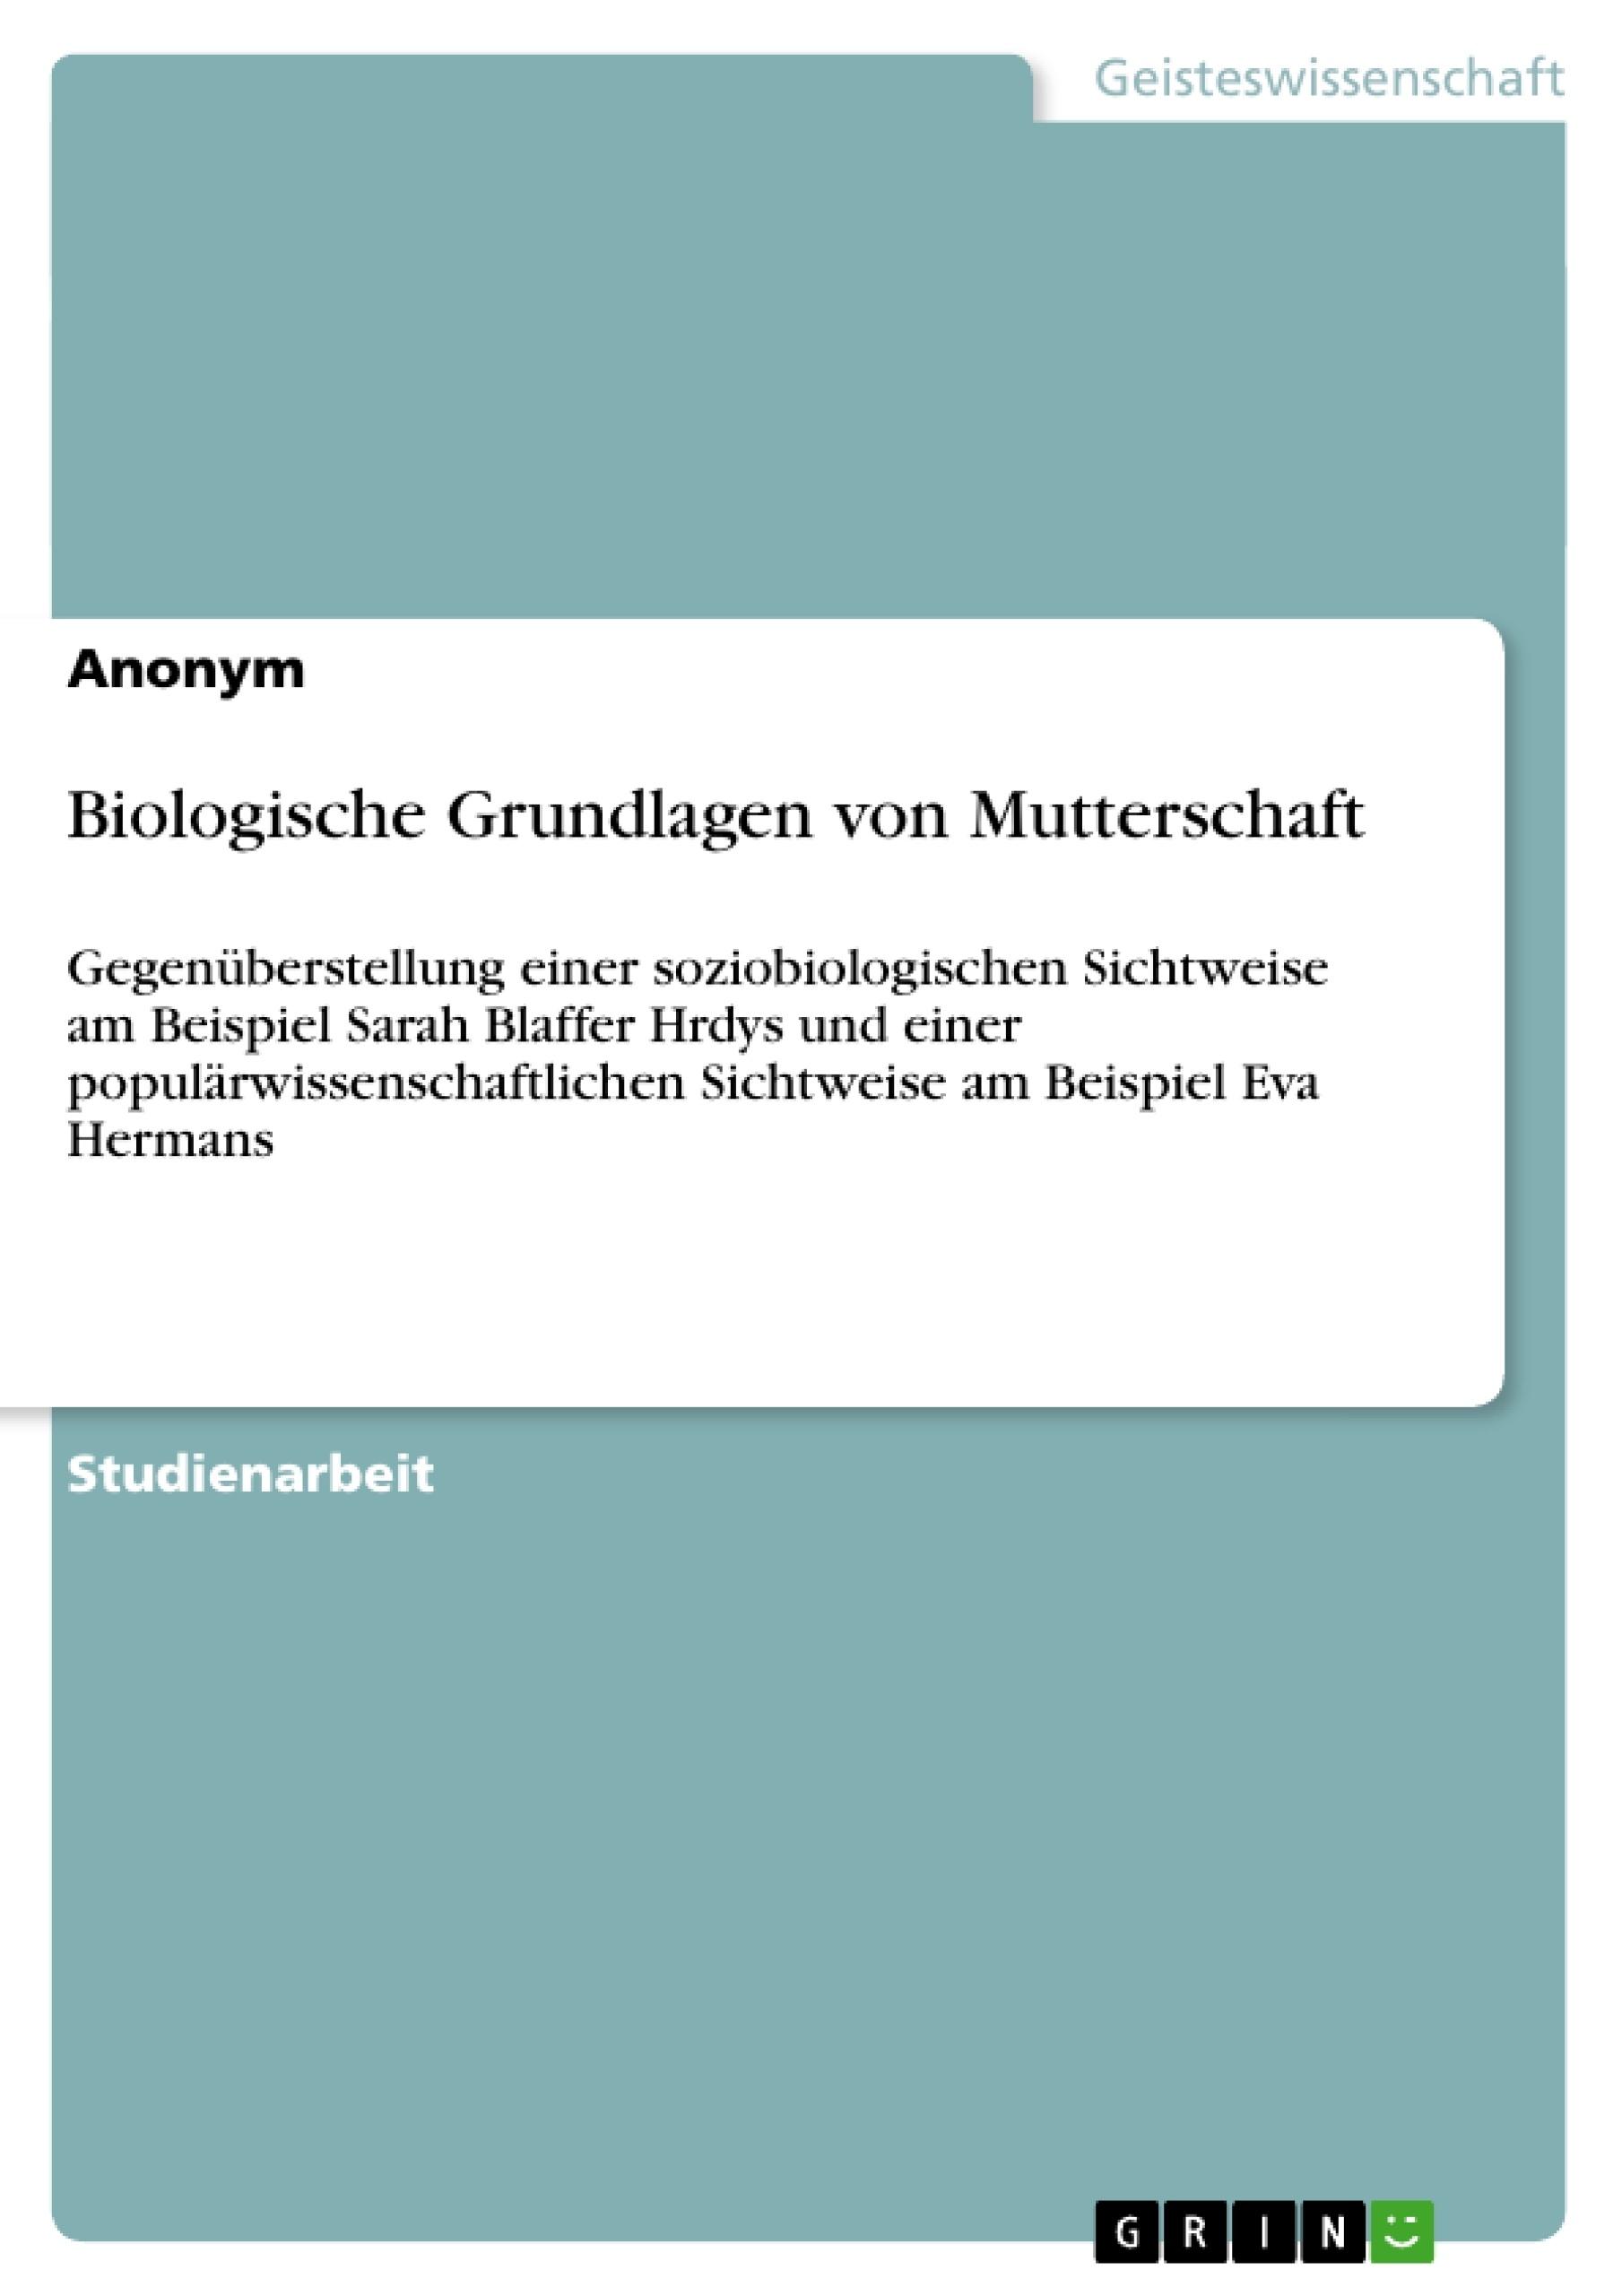 Titel: Biologische Grundlagen von Mutterschaft